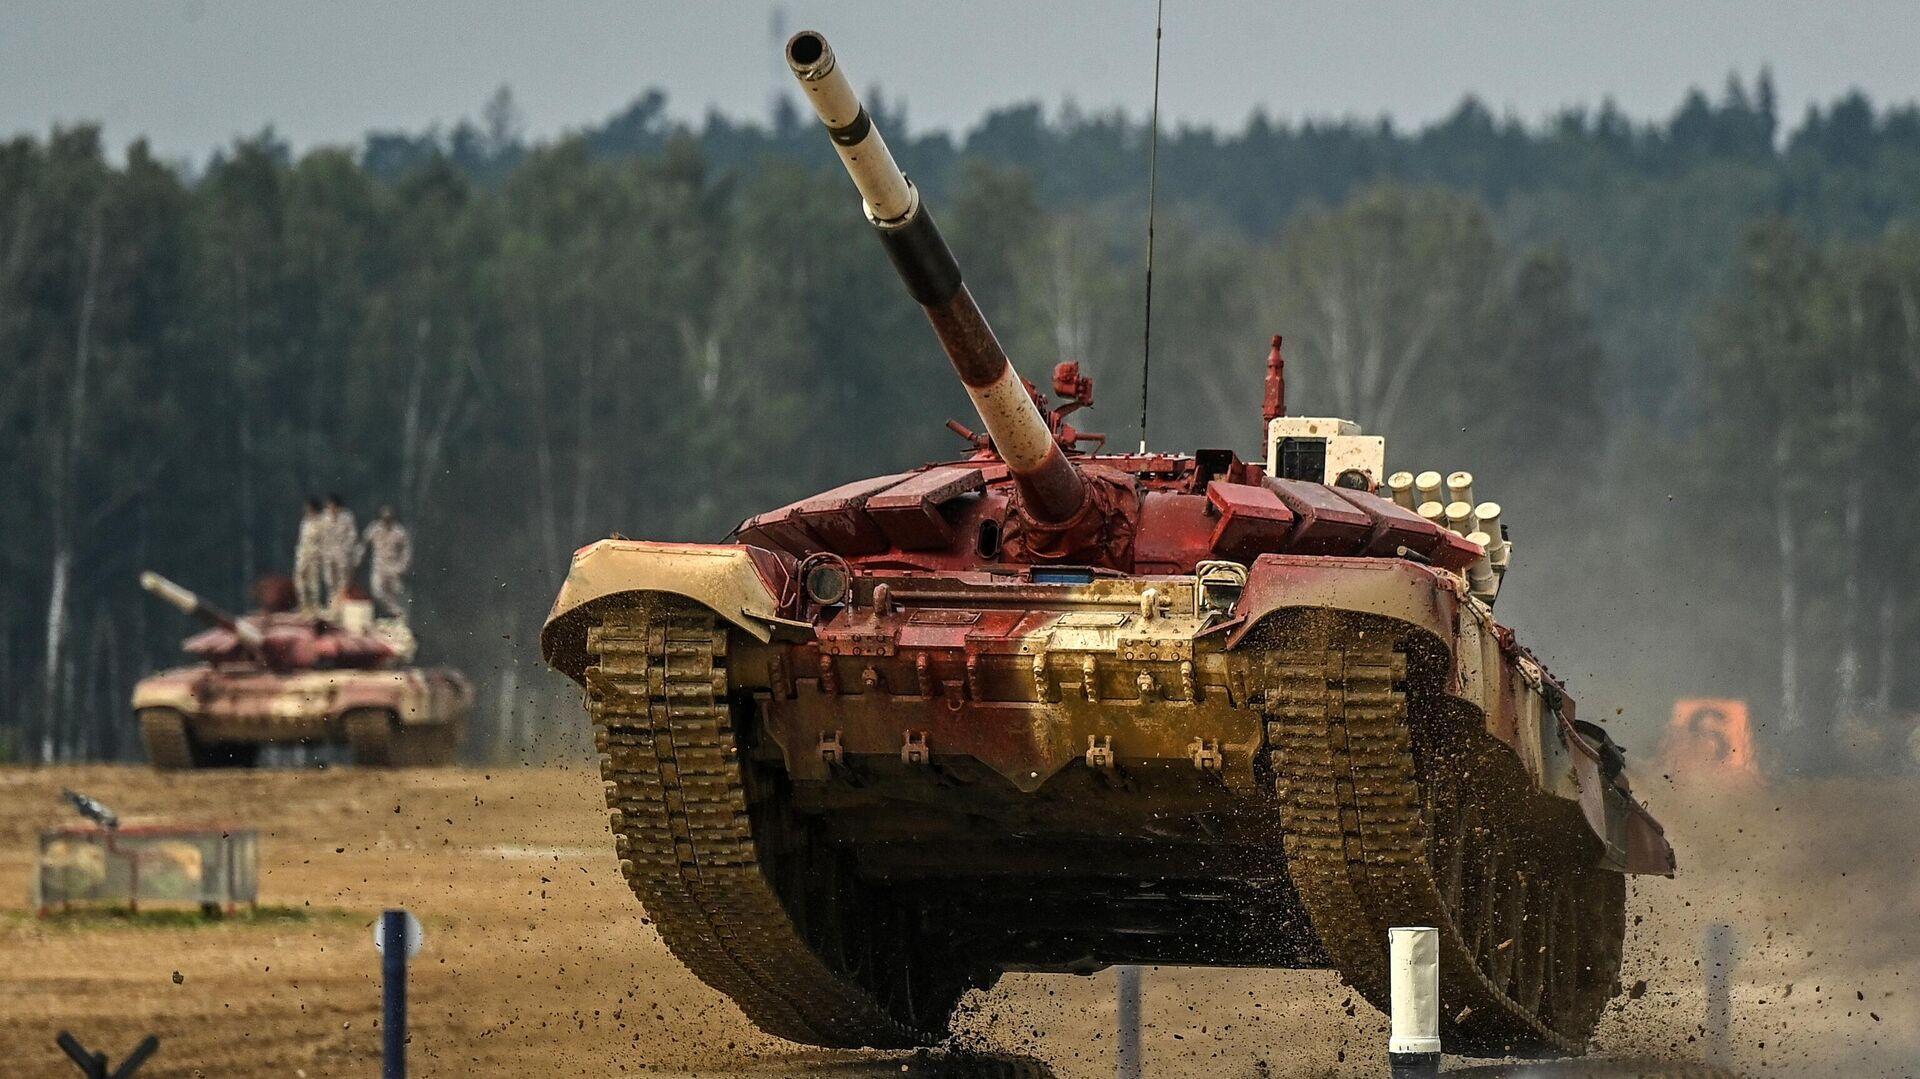 El tanque T-72B3 del equipo de Catar en el Biatlón de Tanques en los Juegos Militares Internacionales Army 2021 - Sputnik Mundo, 1920, 04.09.2021